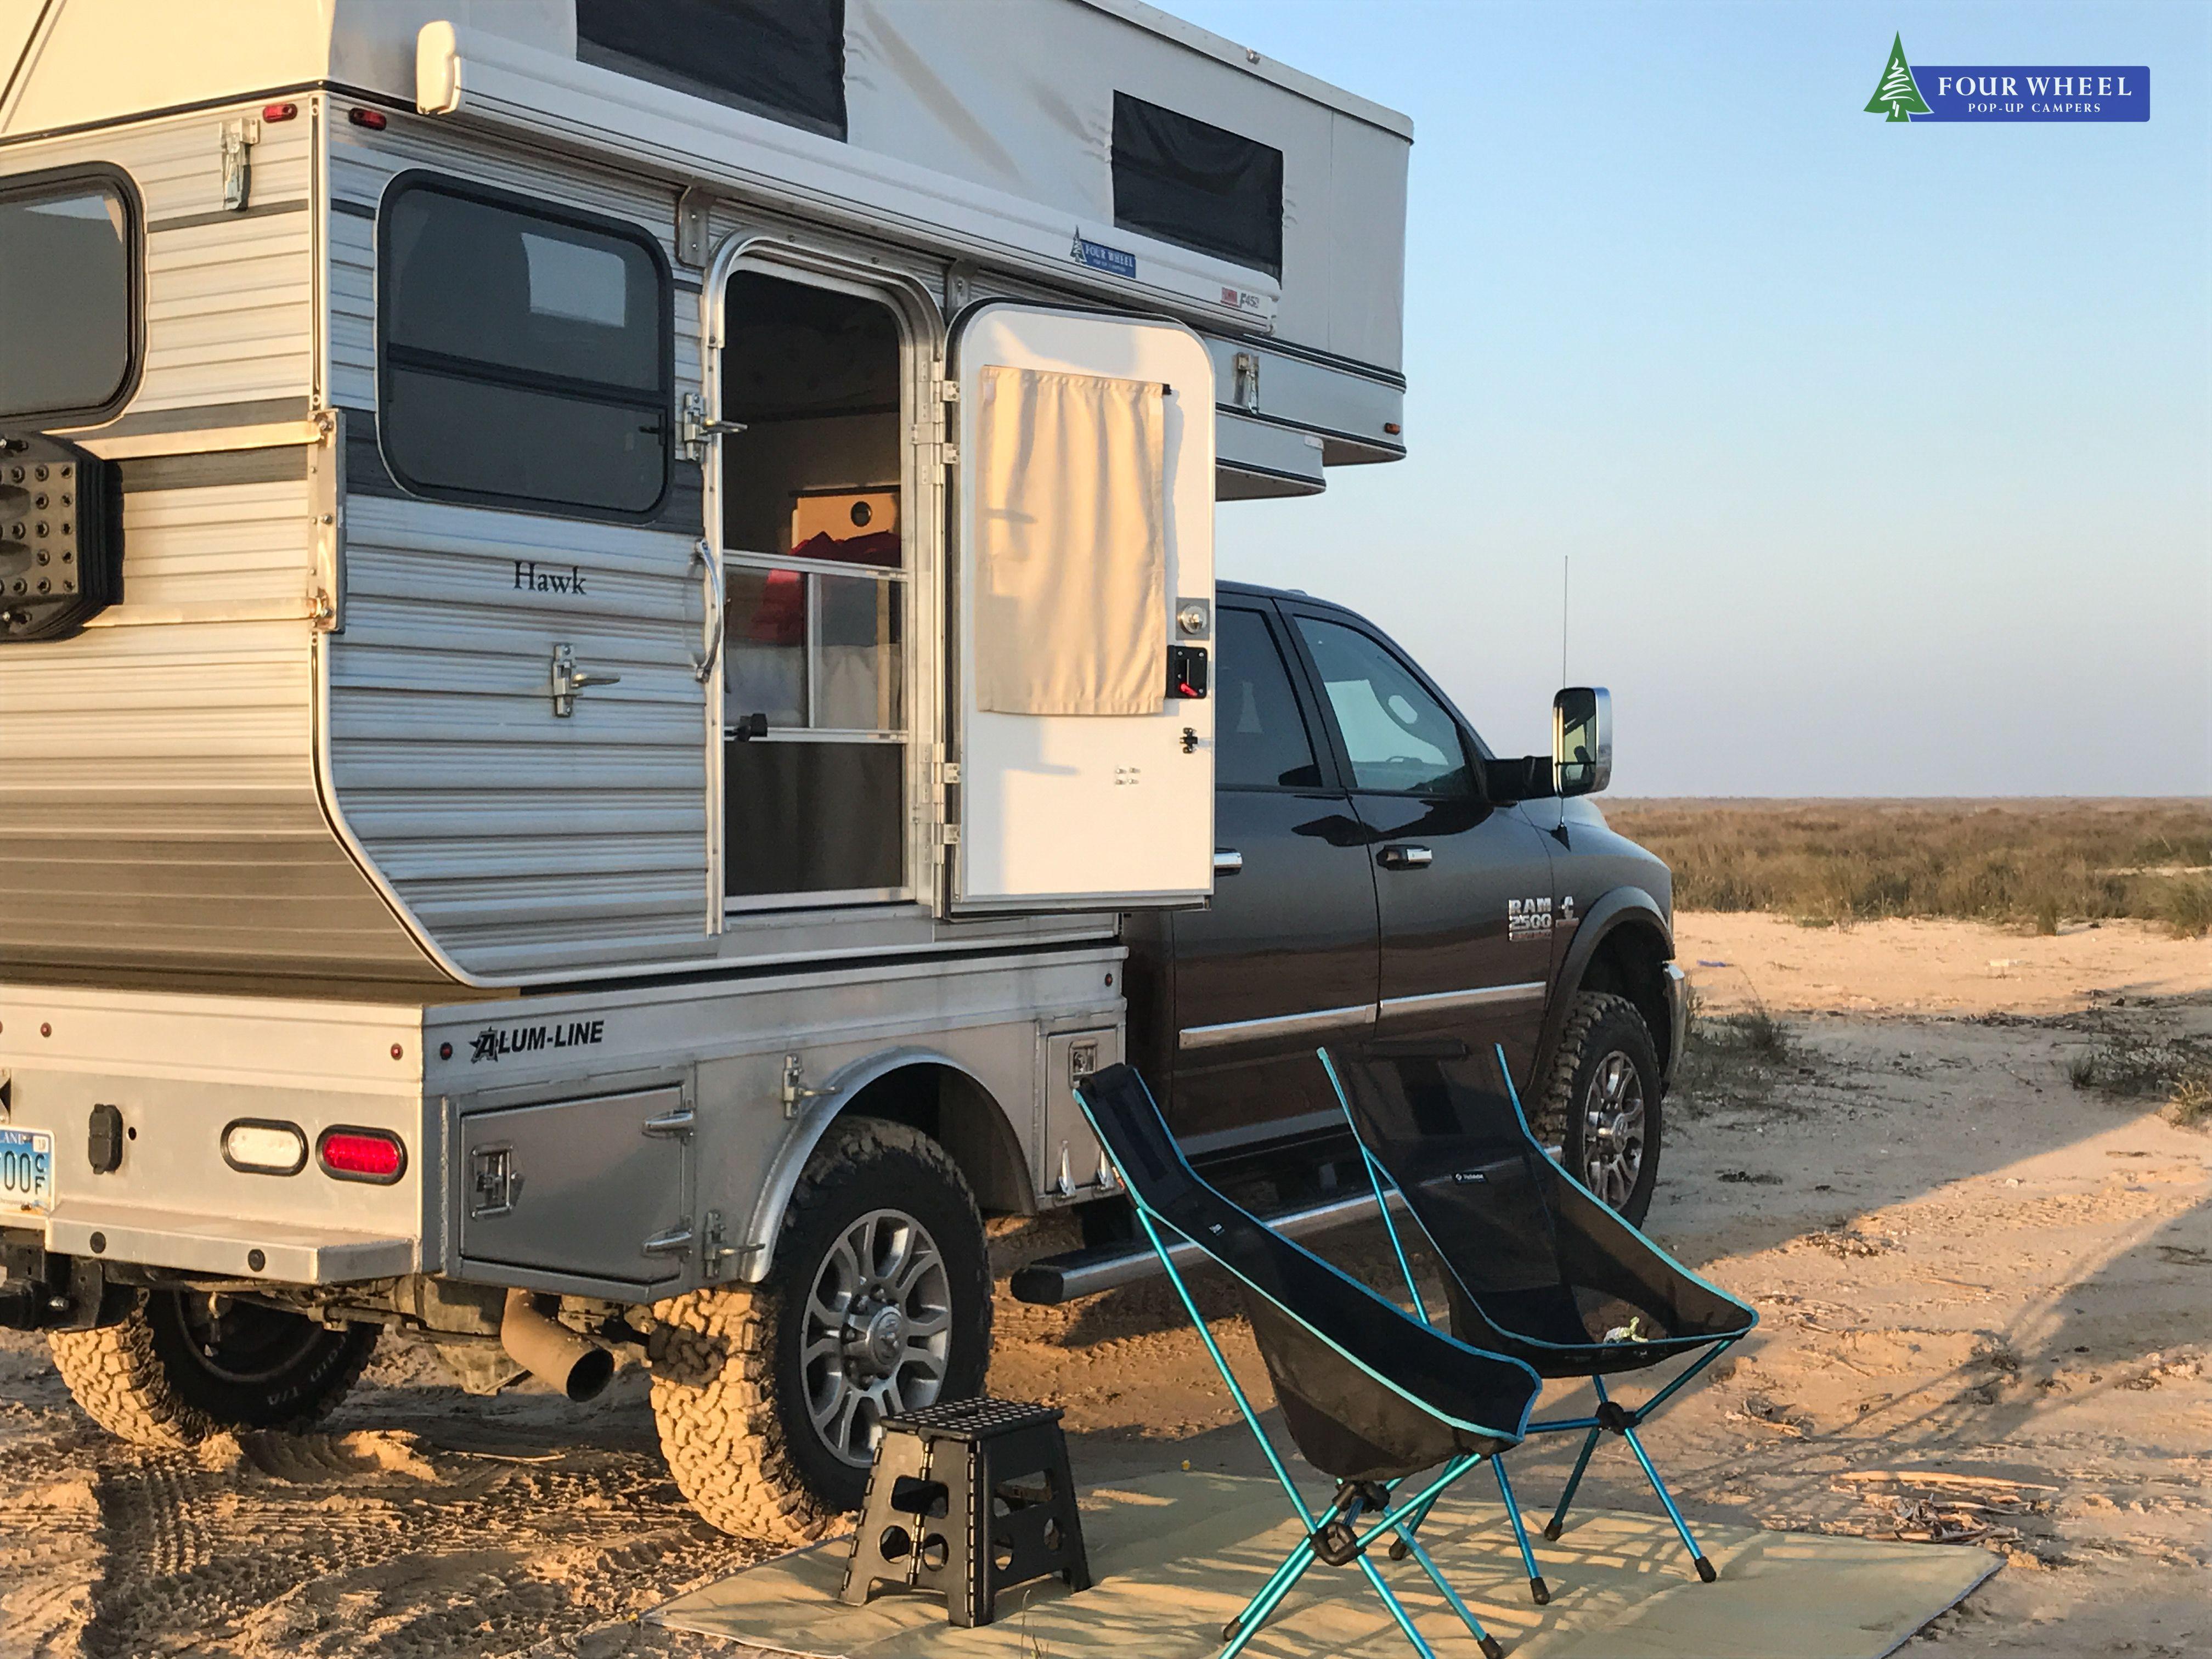 Four wheel pop up camper for sale craigslist